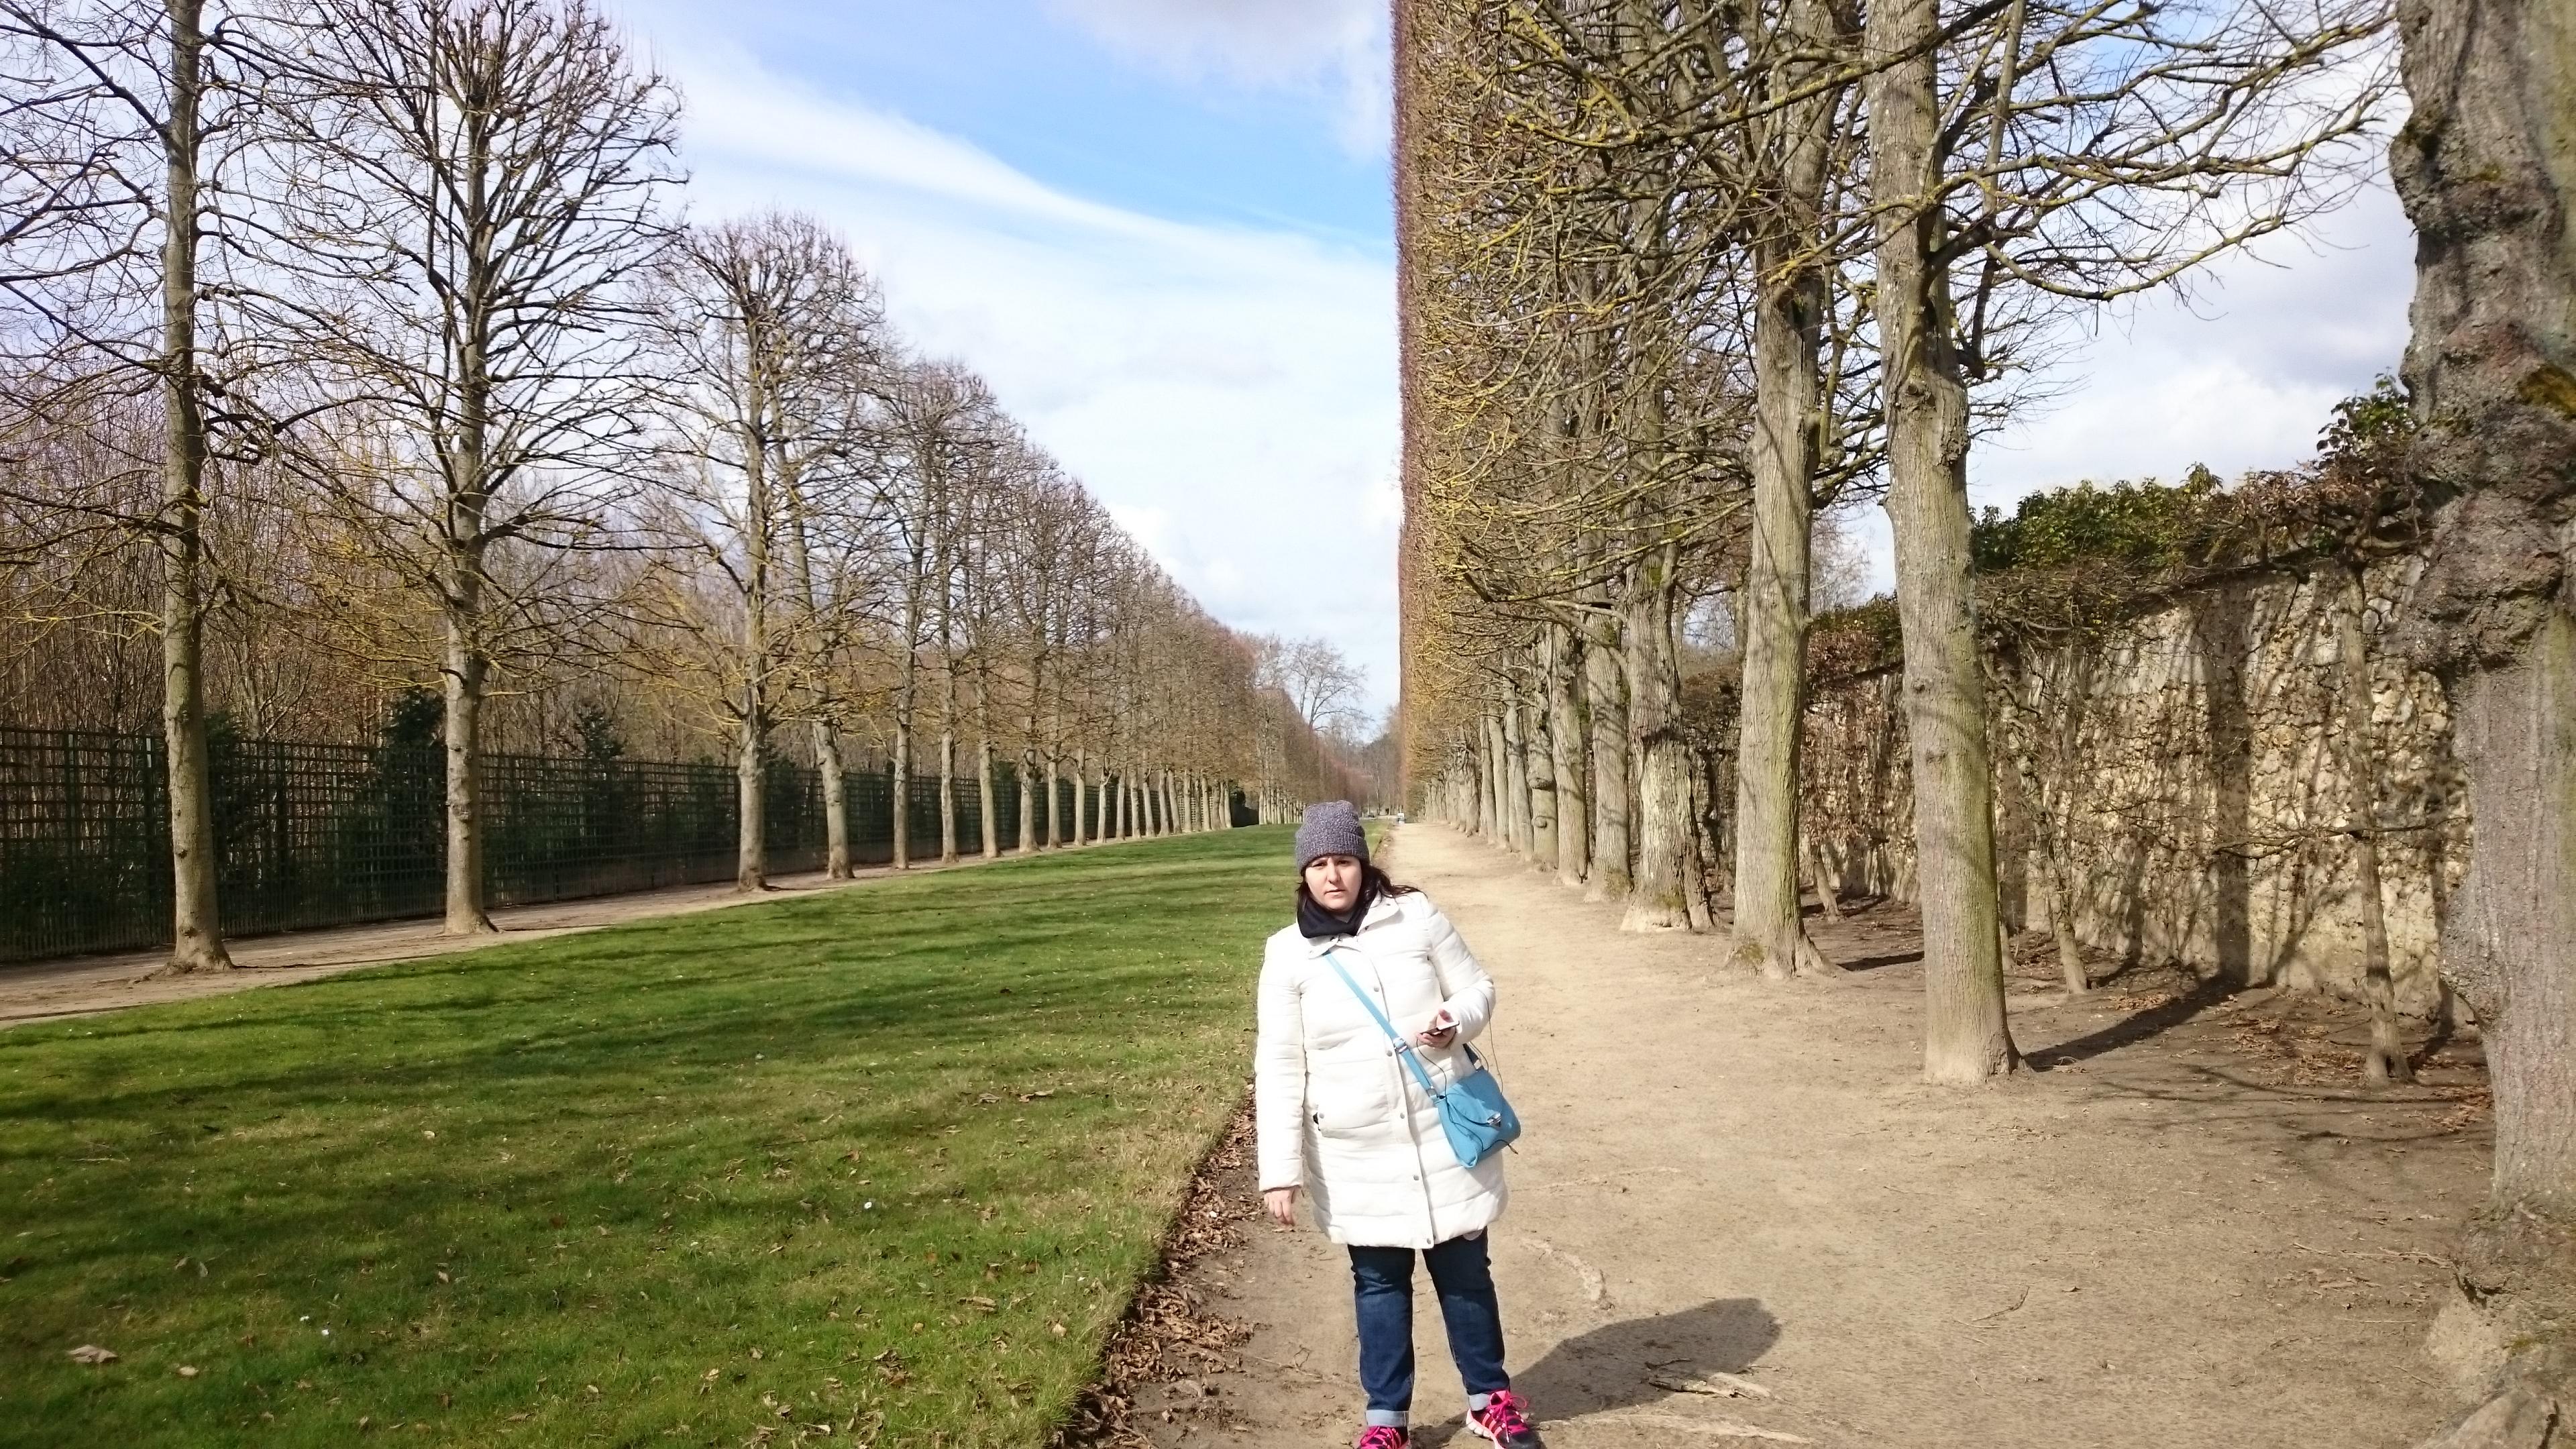 dsc 1168 copia - Visita al Palacio de Versalles: Como ir, cuanto cuesta y tips II/III